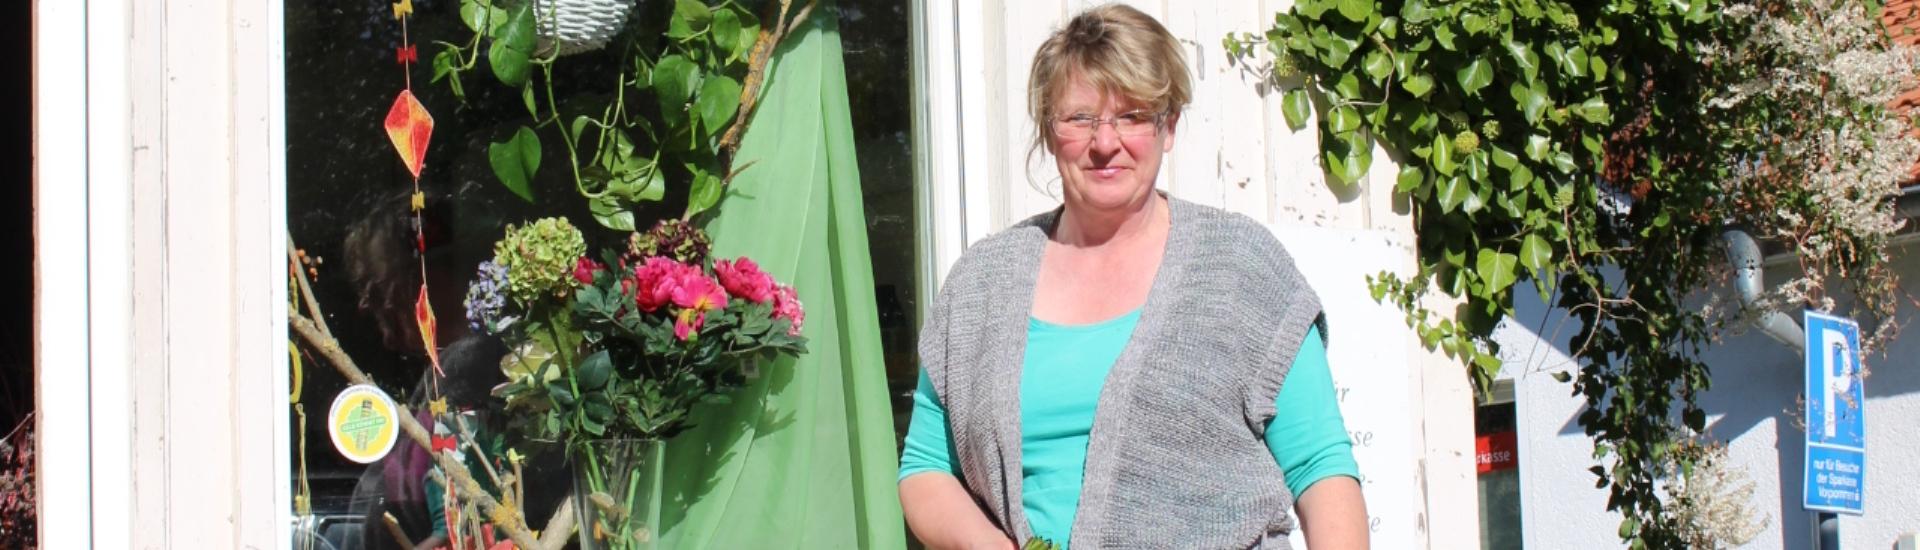 Blumen- und Geschenkboutique Petra Liebig